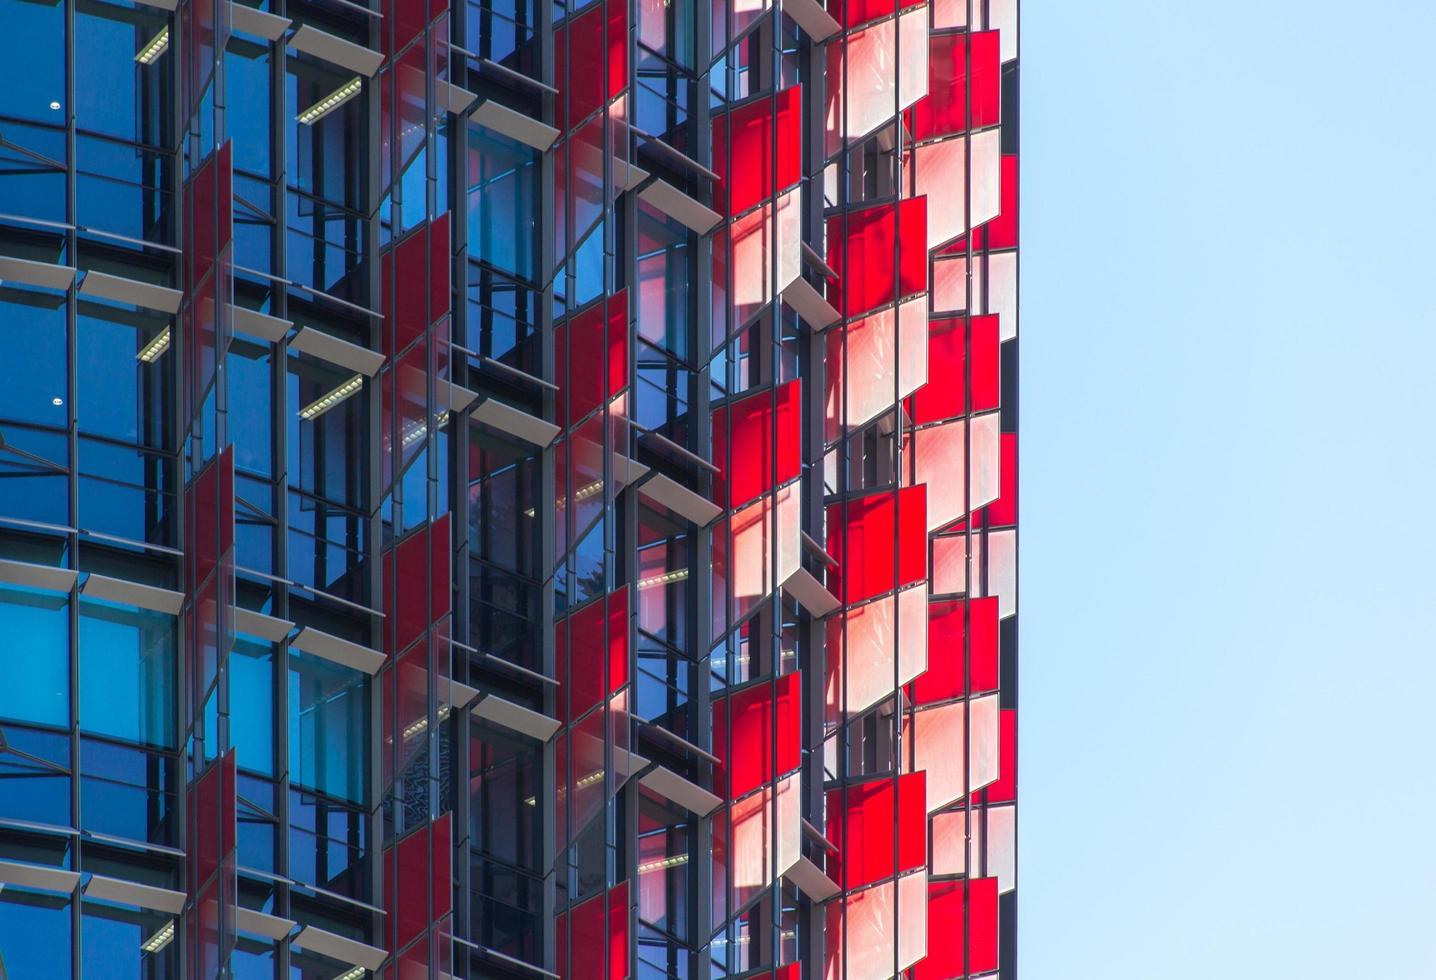 barangaroo, Australië, 2020 - gebouw met rode en witte glas-in-lood panelen foto